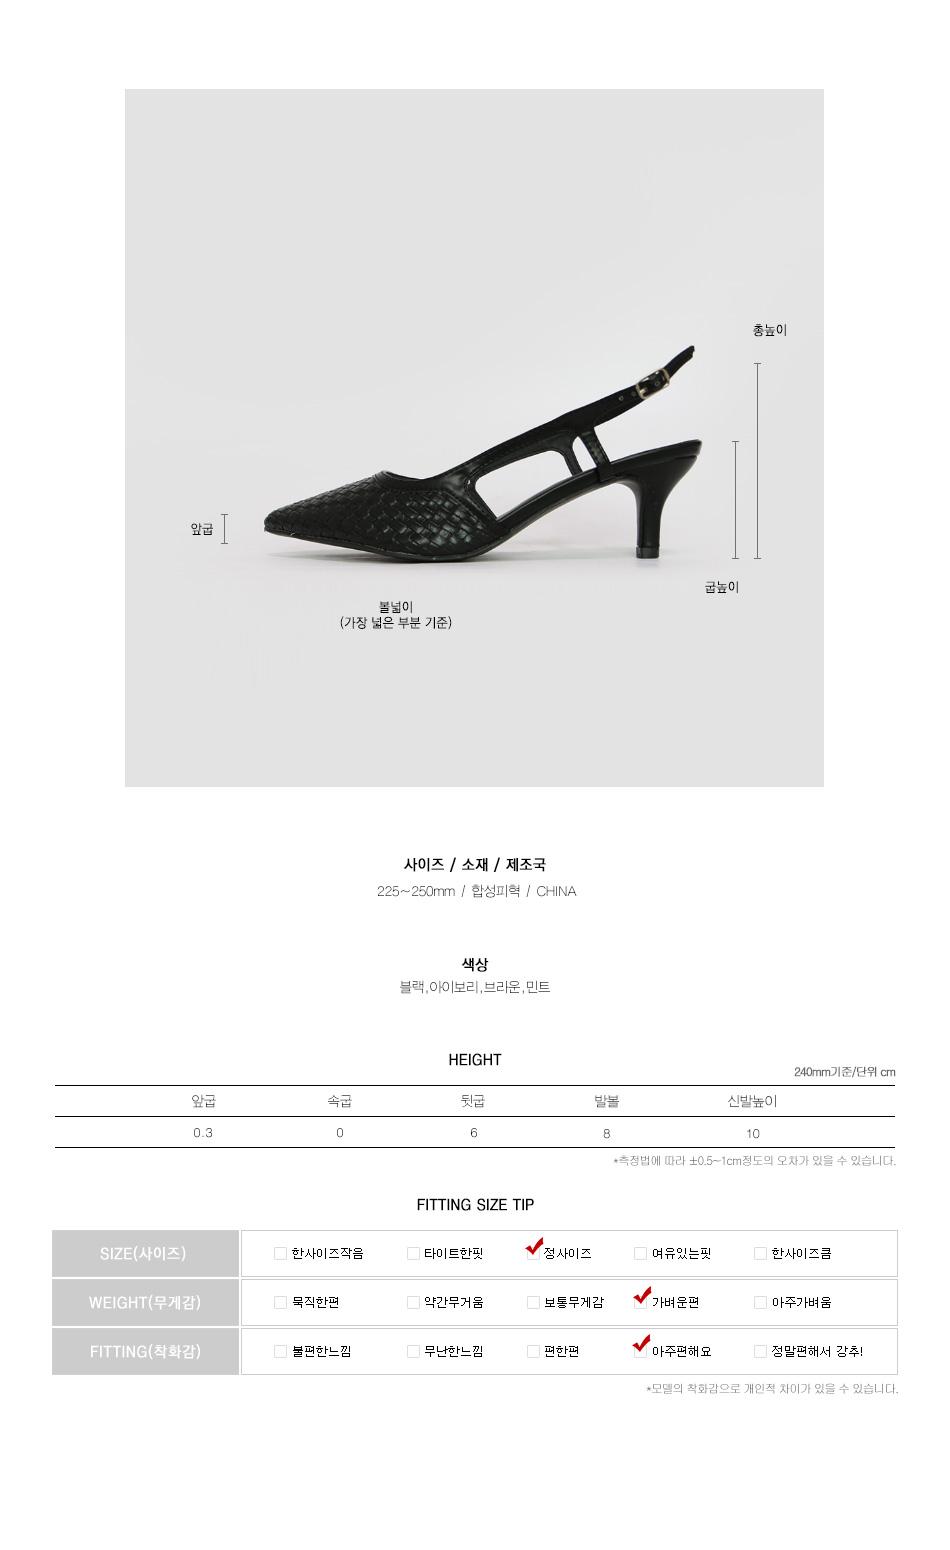 세톤 메쉬 슬링백 샌들힐 상품정보